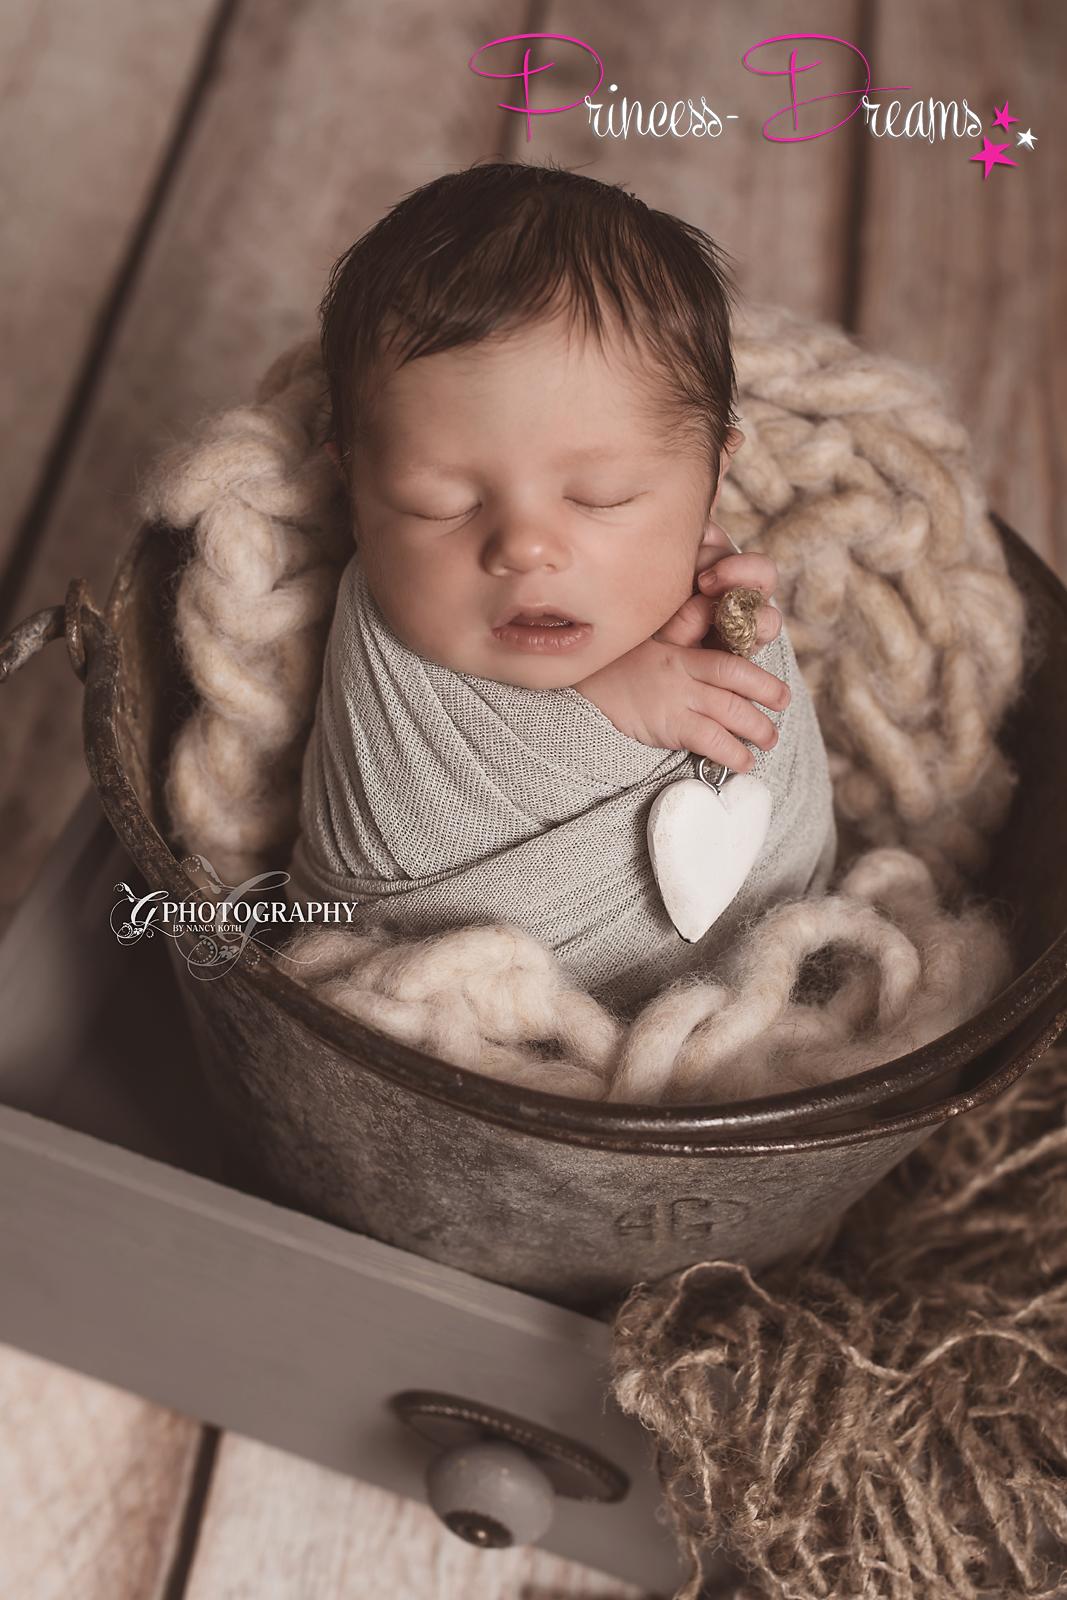 Baby Fotografie Neugborenen Set Jungen Body Shooting Outfit Jungen Set Wrap Pucktuch Fotoshooting Baby Fotografie Neugeborenen Prop Foto Prop